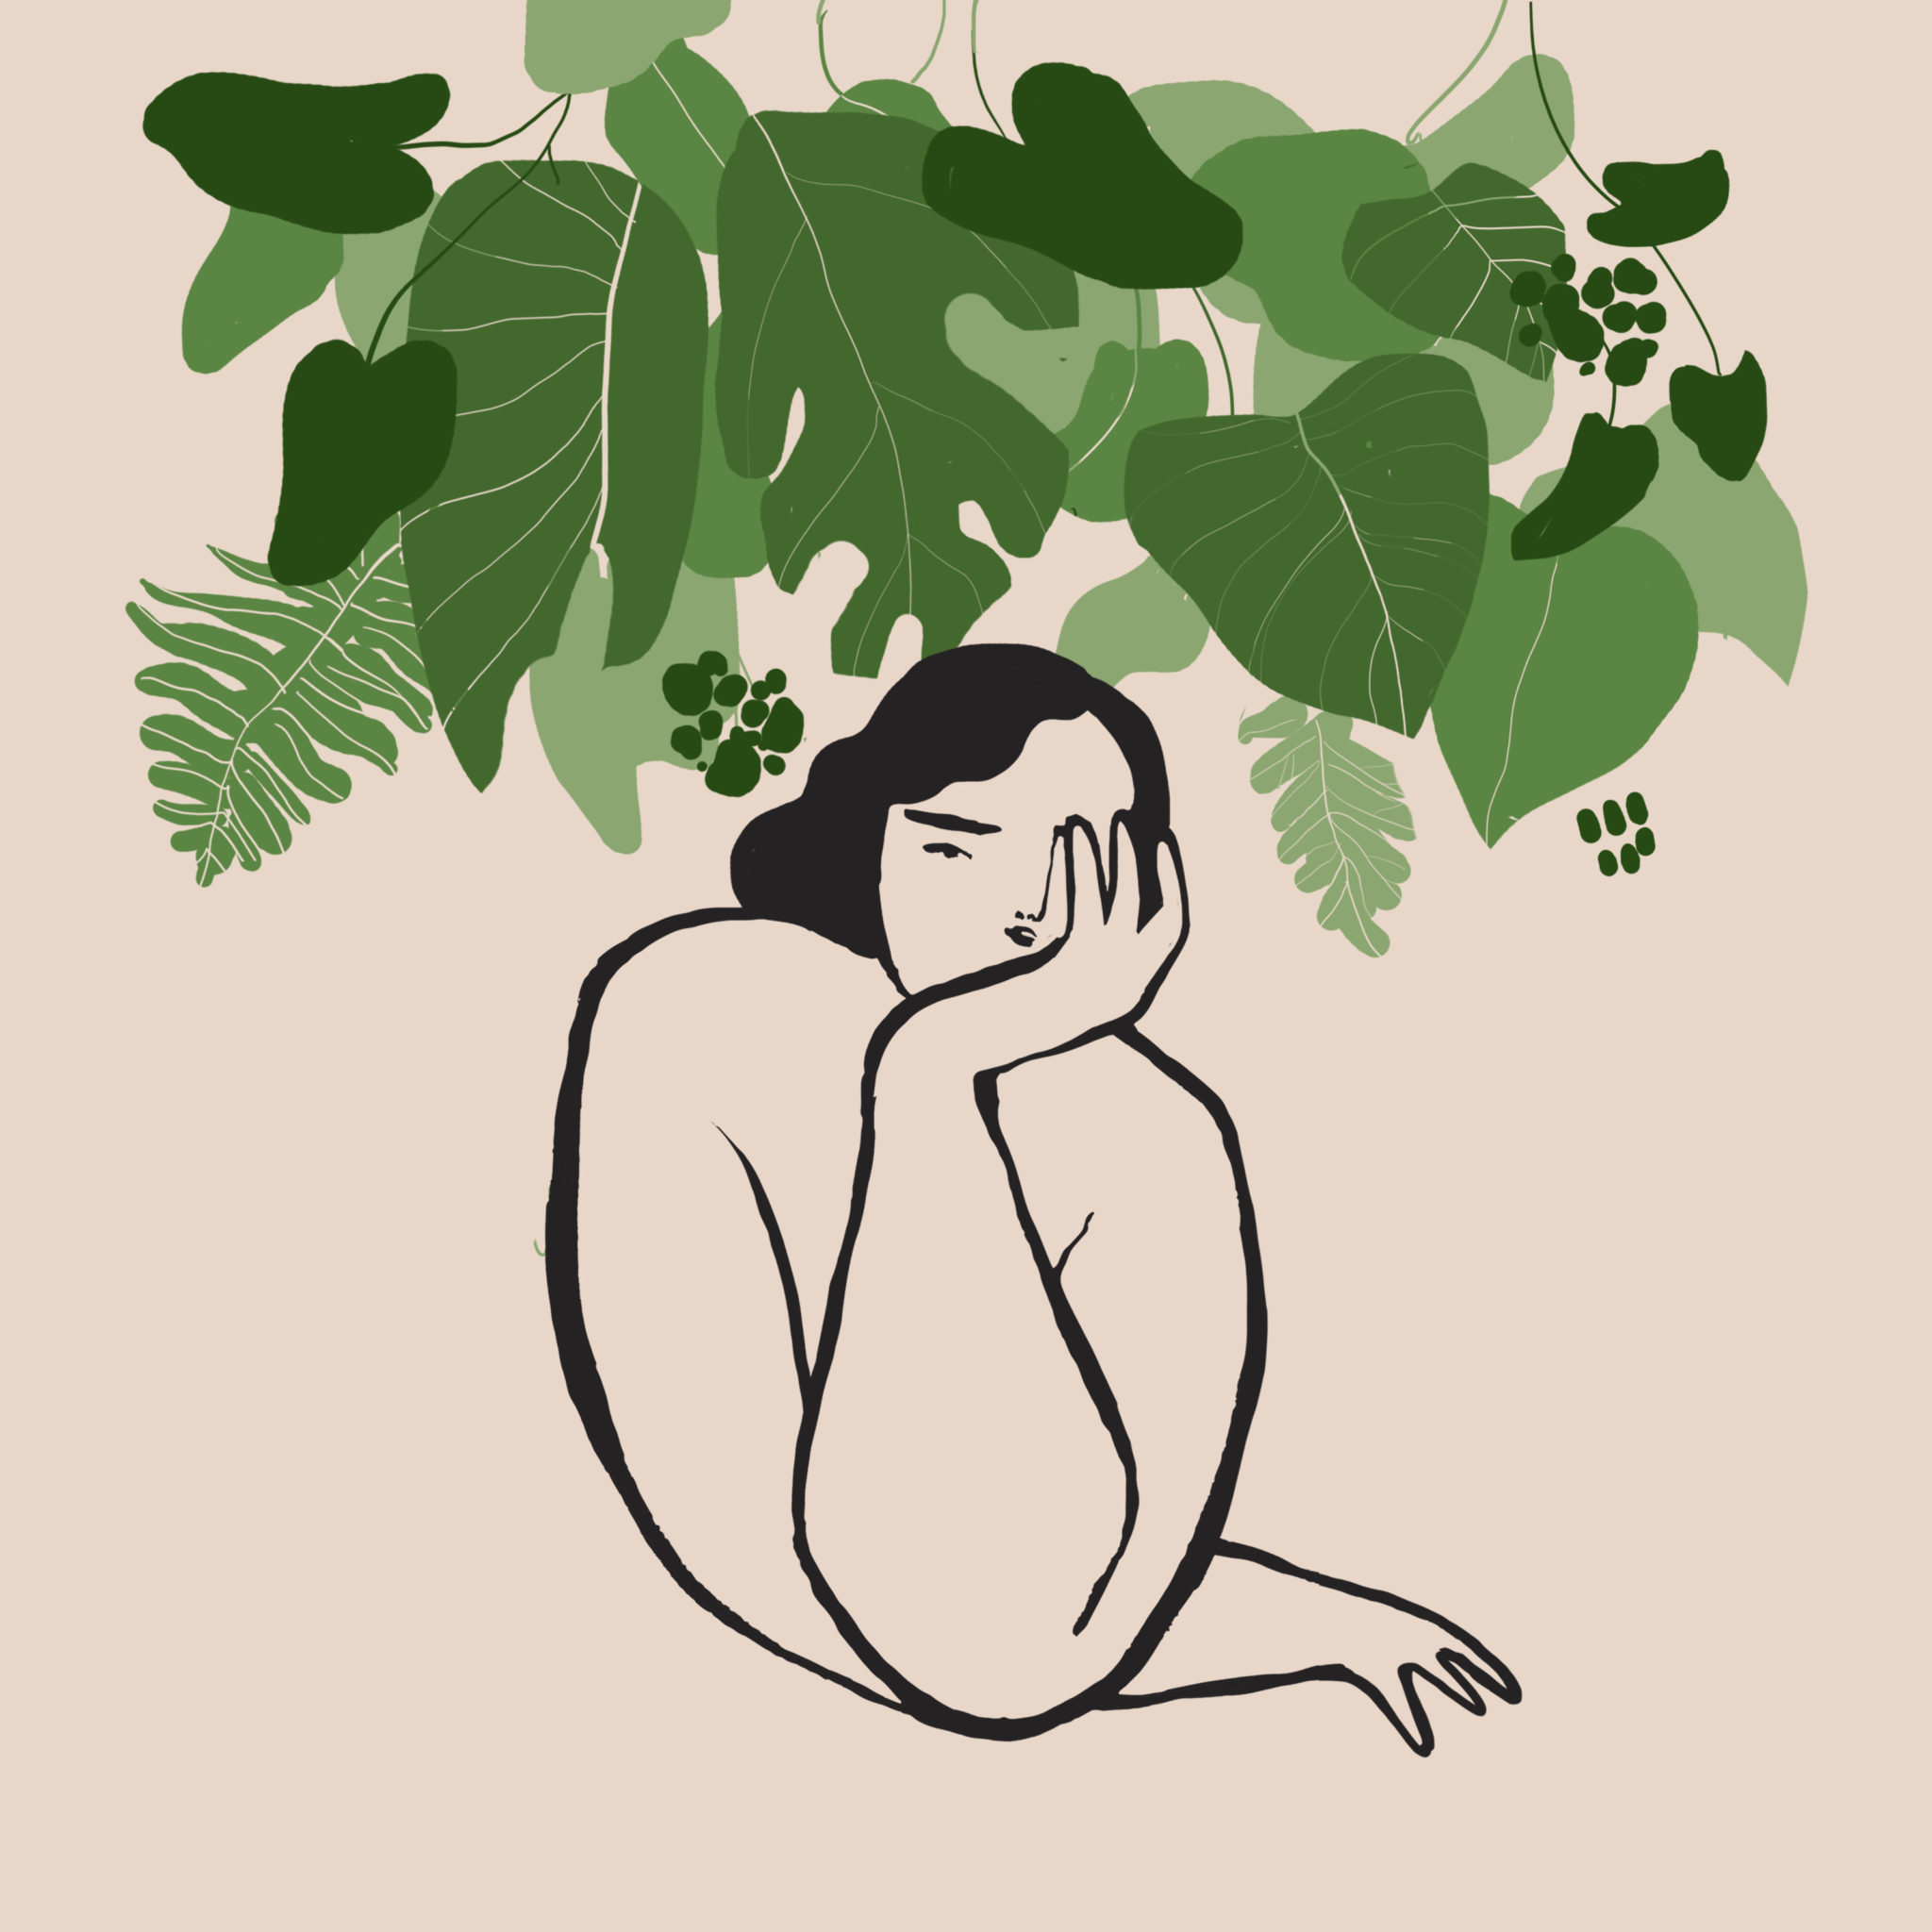 Na zdjeciu widzimy ilustracje nagiej kobiety o rubensowskich ksztaltach w pozycji zamyslonej nad nia widzimy mnostwo zielonych lisci